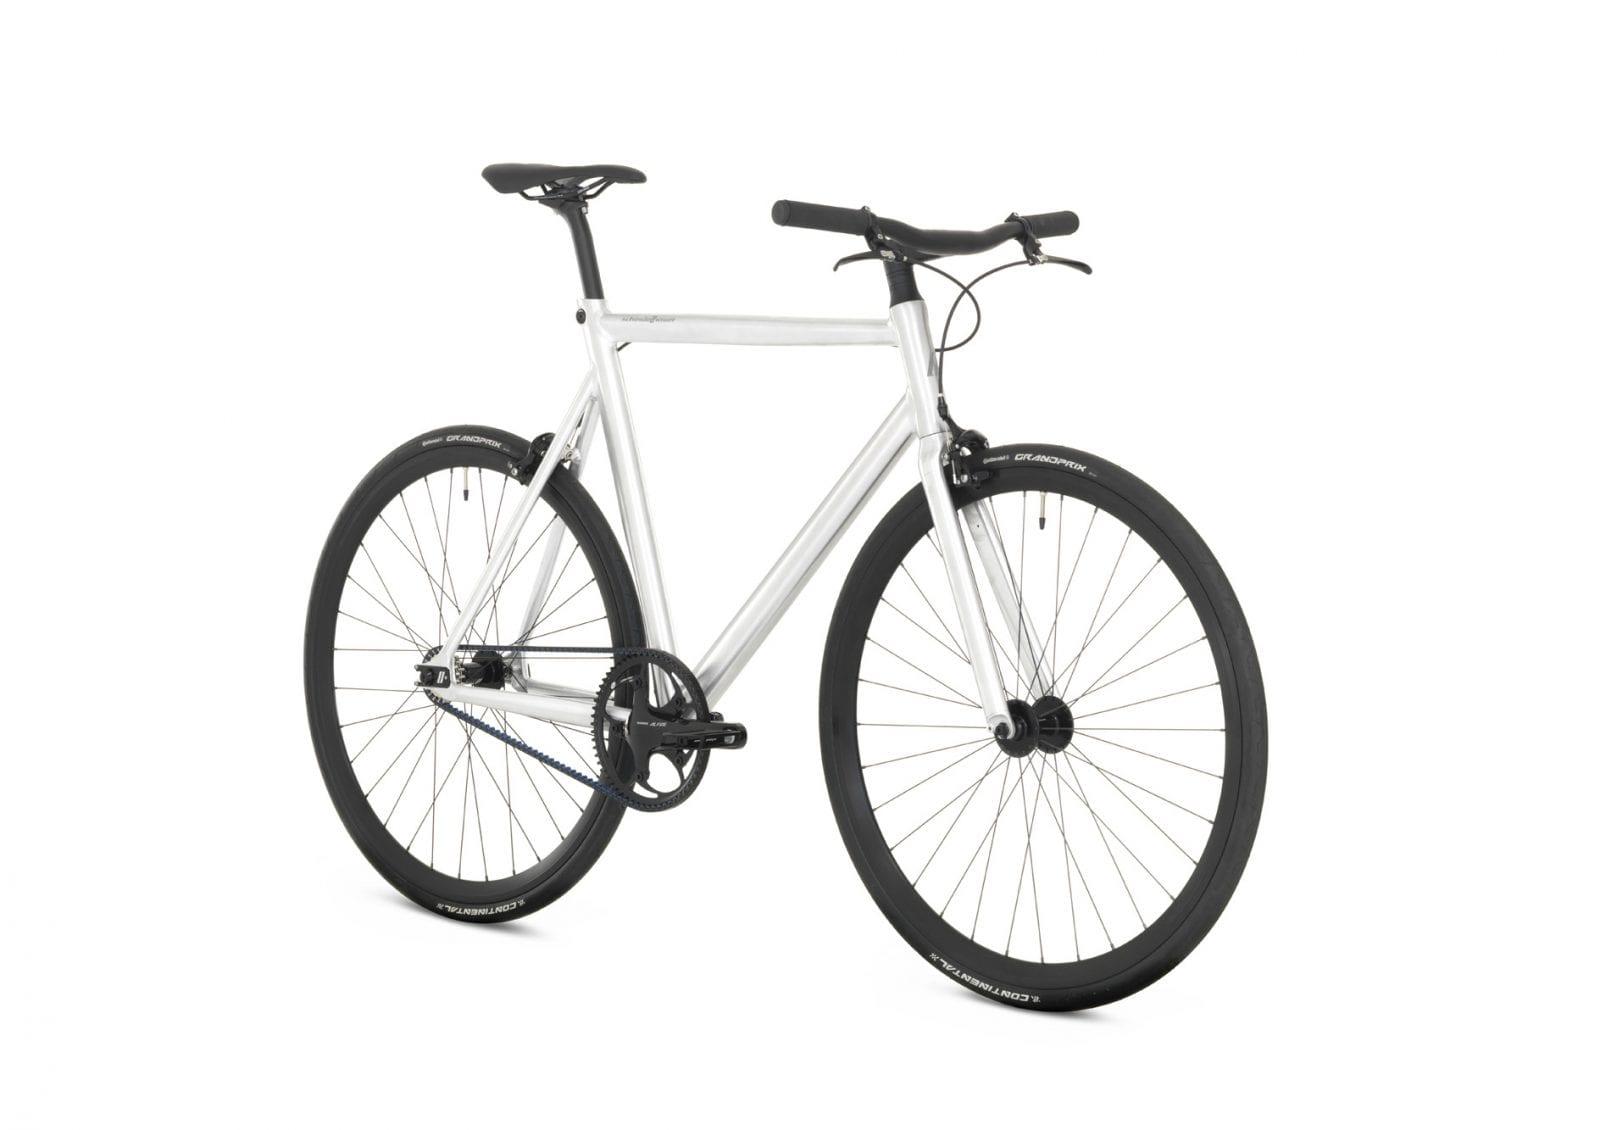 Viktor_2019_packshot_ap_tienda_de_bicicletas_Vuk_bikes_madrid